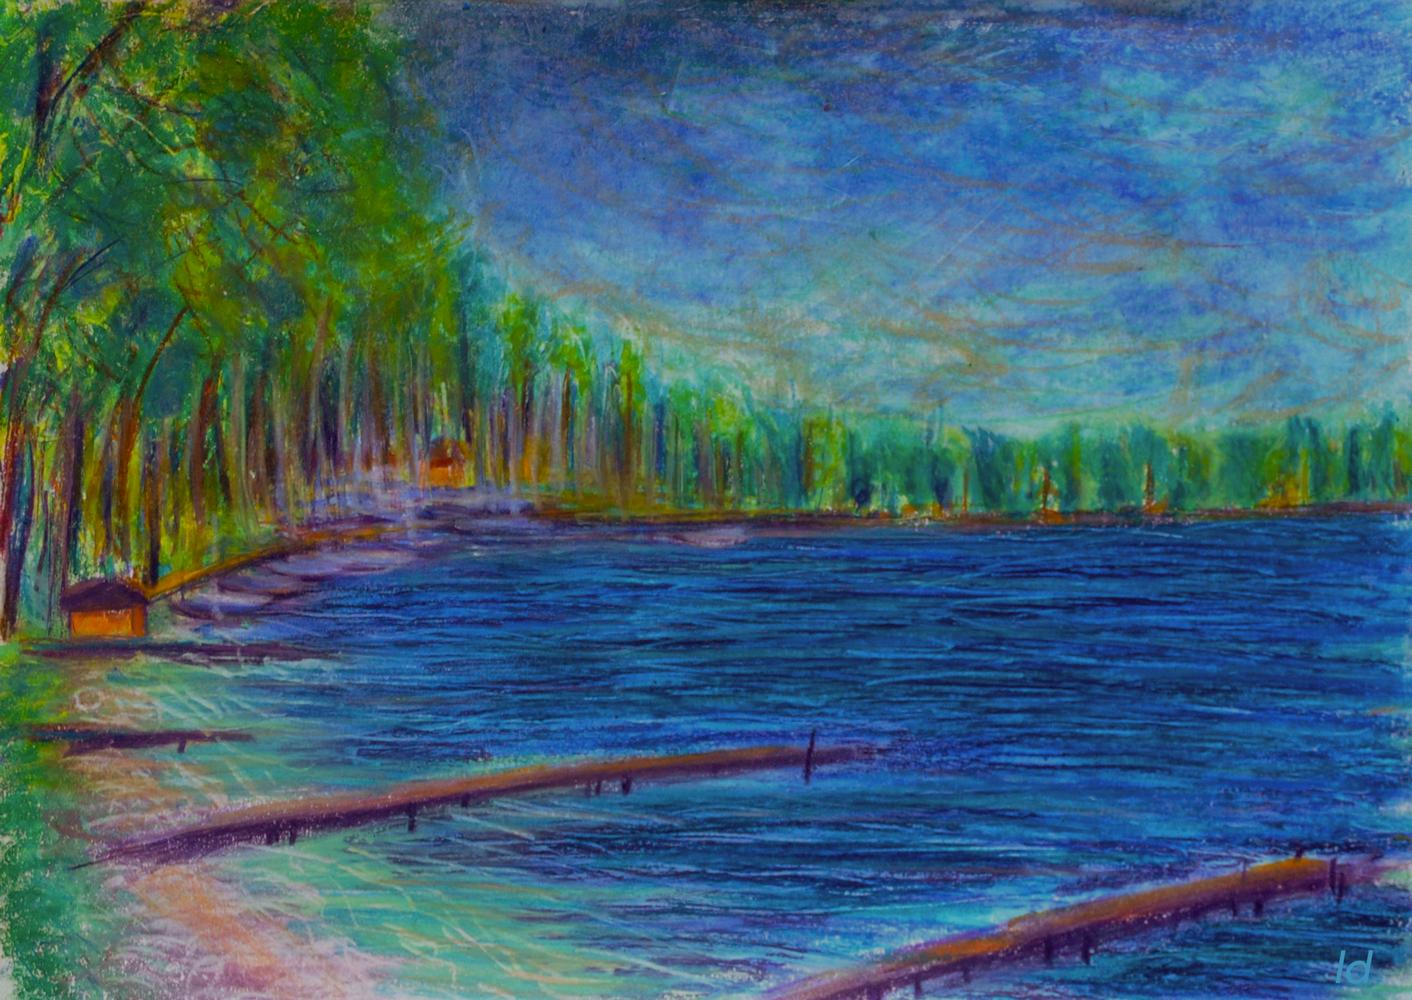 Lac Léman, St Prex no. 5. Pastel à la cire sur papier, 21x30, 2018